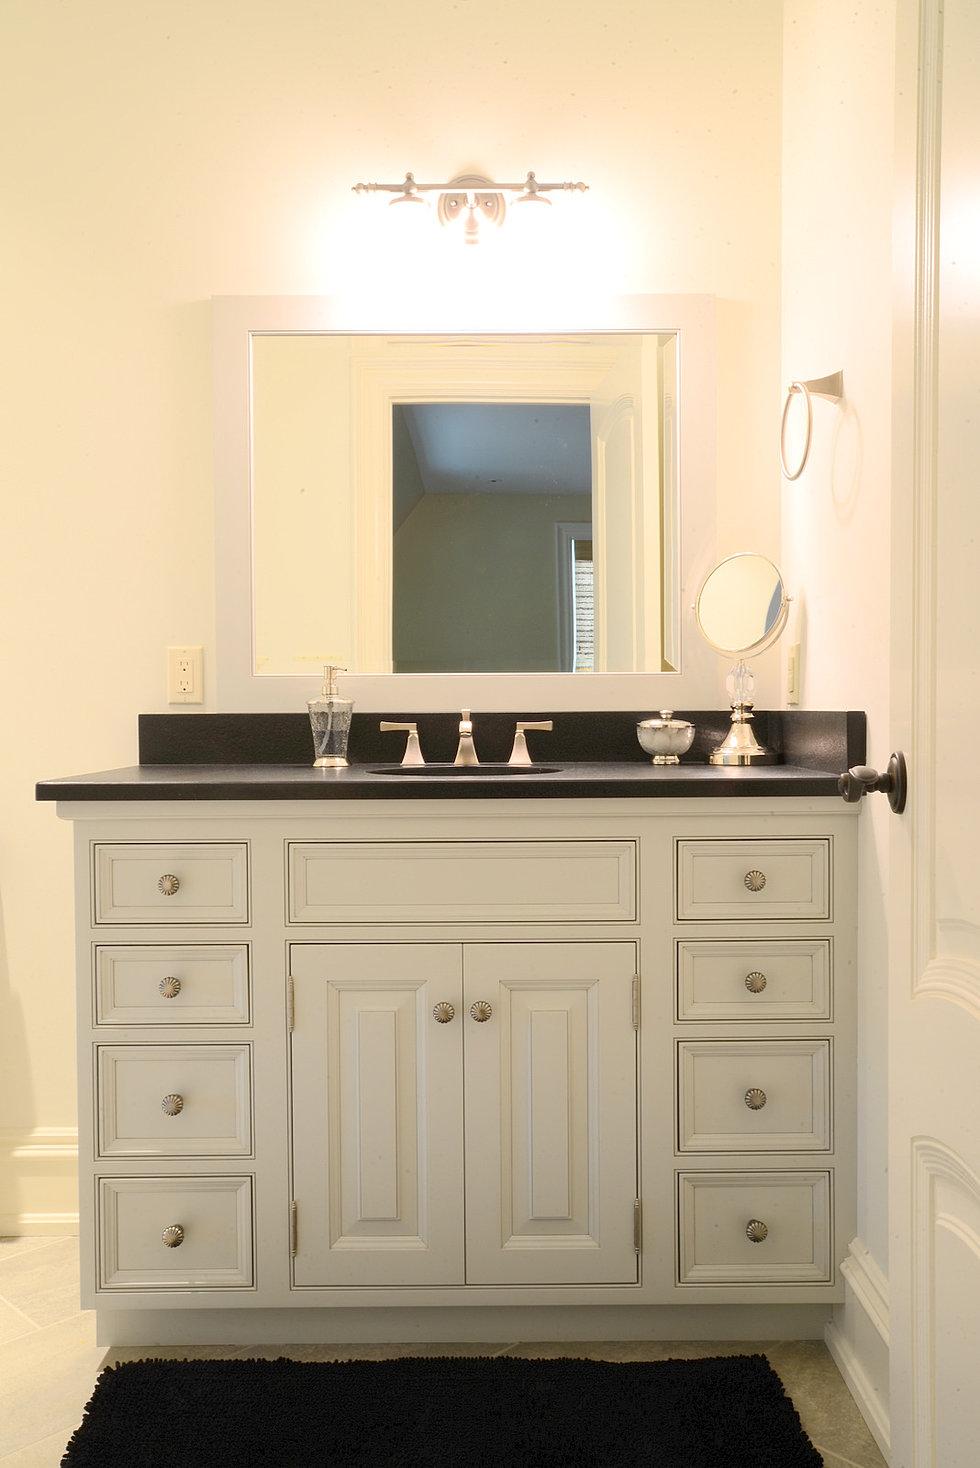 Stylecraft cabinets -